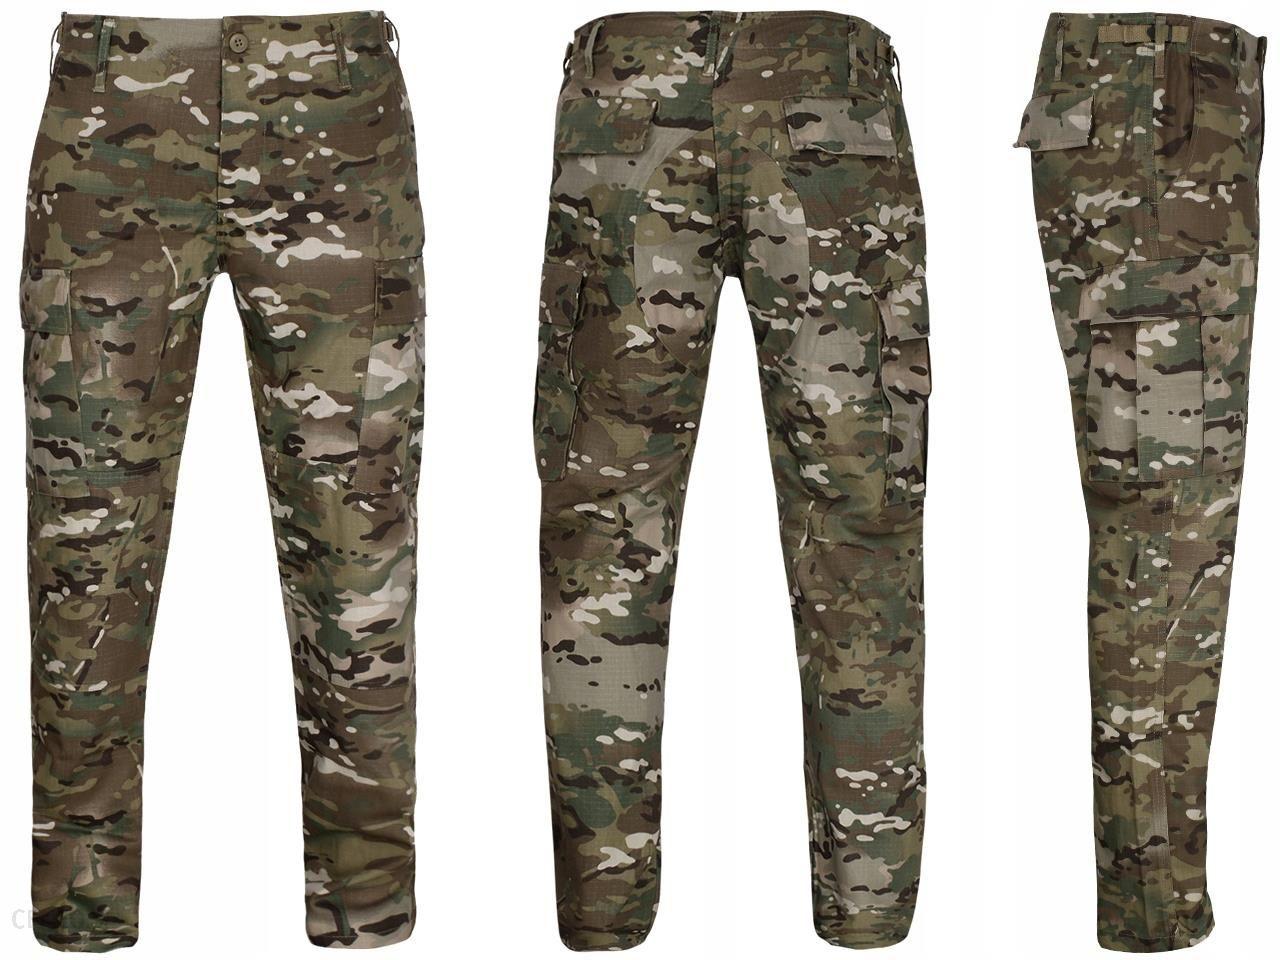 Spodnie Wojskowe Bdu Slim Fit RipStop Multicam XXL